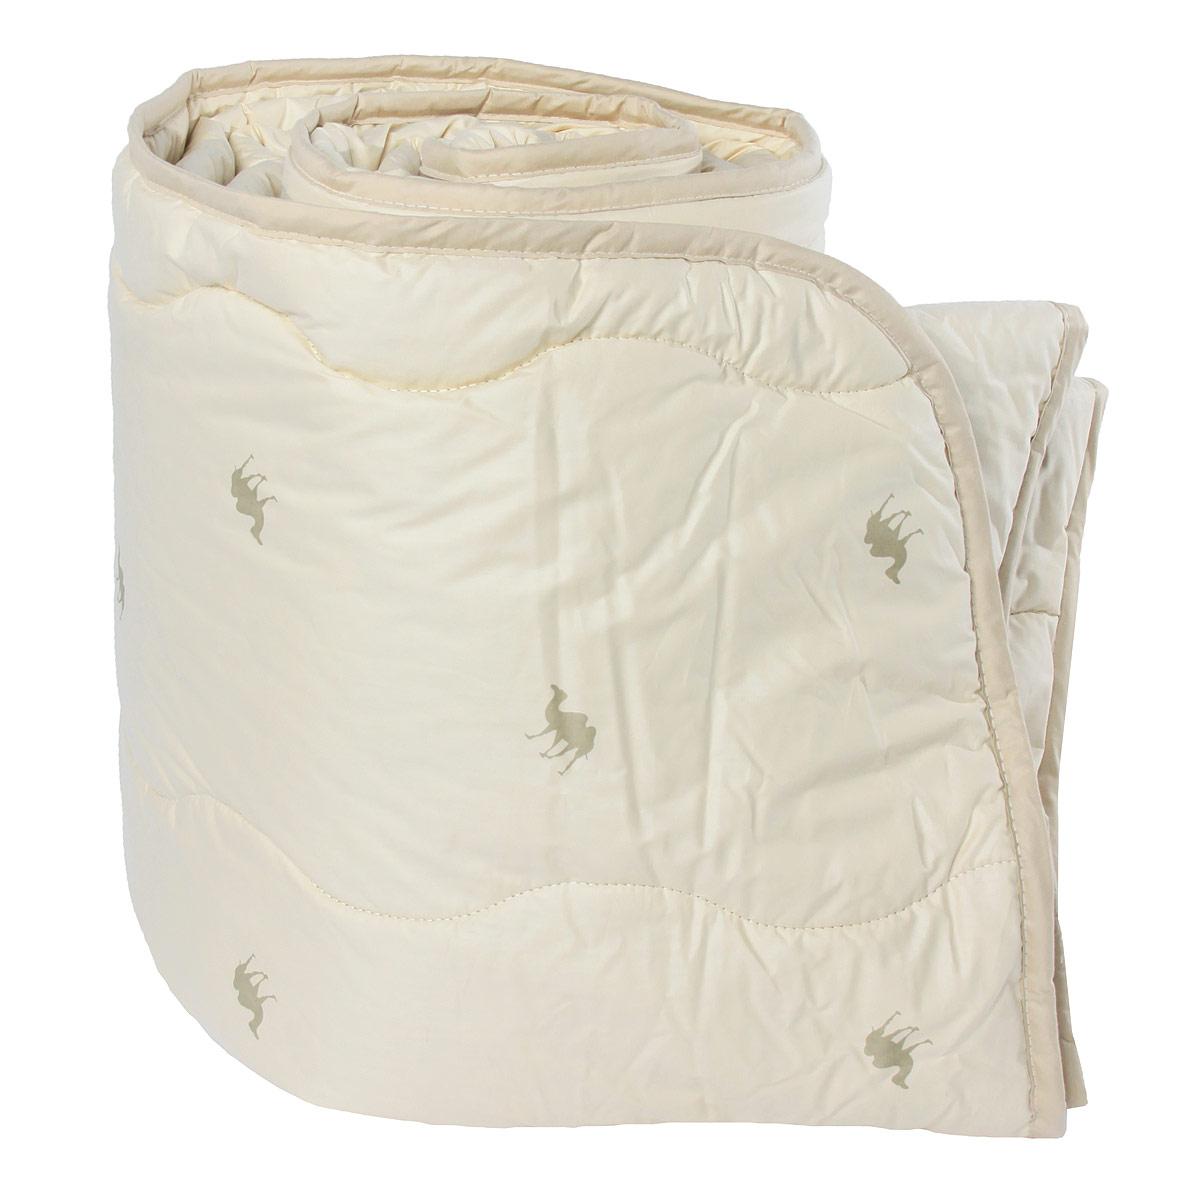 Одеяло Verossa, наполнитель: верблюжья шерсть, 200 х 220 см170584Одеяло Verossa обеспечит вам здоровый сон и комфорт. Для изготовления одеяла в качестве наполнителя используется натуральная верблюжья шерсть. Верблюжья шерсть обладает высокой гигроскопичностью, создавая эффект сухого тепла. Волокно верблюжьей шерсти полые внутри, образуют пласт, содержащий множество воздушных кармашков, которые равномерно сохраняют и распределяют тепло, обеспечивая естественную терморегуляцию в жару и холод. Верблюжья шерсть обладает рядом уникальных лечебных свойств, благодаря которым расширяются сосуды, усиливается микроциркуляция крови. Шерсть снимает статическое напряжение, благоприятно воздействует на оппорно-двигательный аппарат. Одеяло упаковано в прозрачный пластиковый чехол на змейке с ручкой, что является чрезвычайно удобным при переноске. Характеристики: Материал чехла: 100% хлопок. Наполнитель: 100% верблюжья шерсть. Масса наполнителя: 300 г/м2. Размер одеяла: 200 см х 220 см. Артикул: 170584.